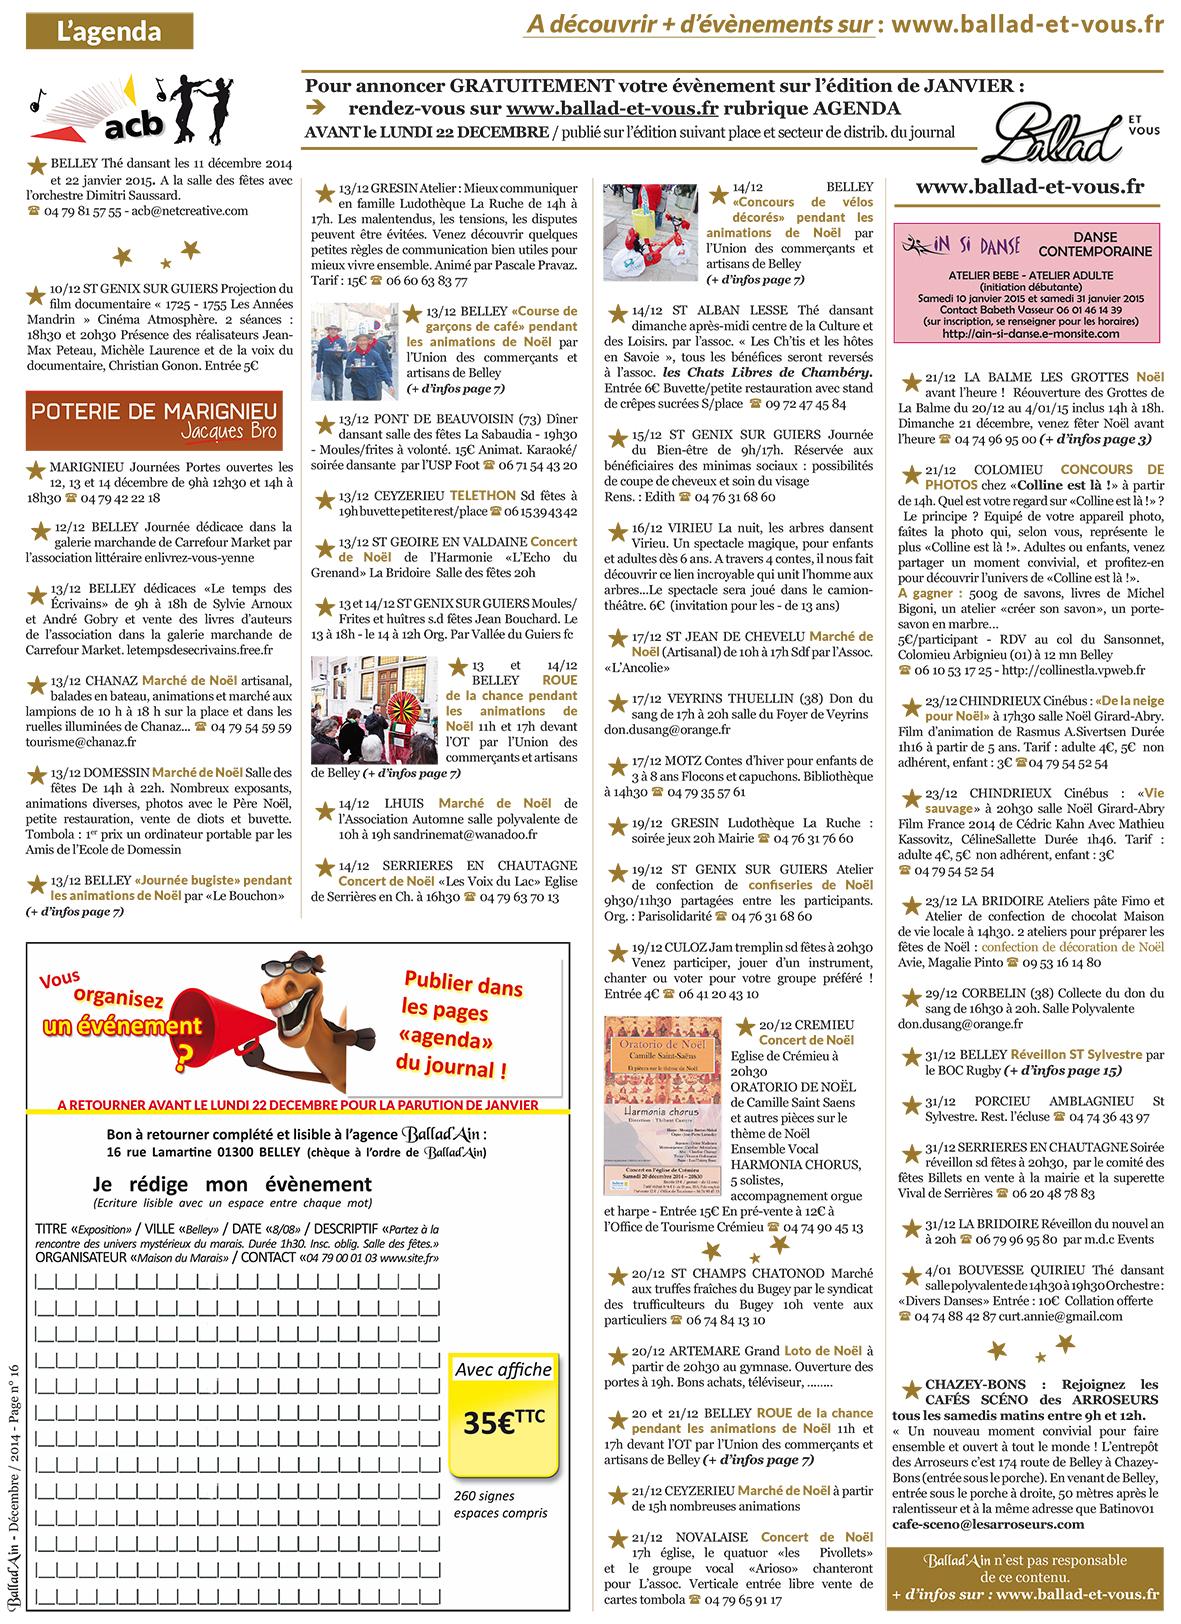 Page 16 Agenda ballad et vous